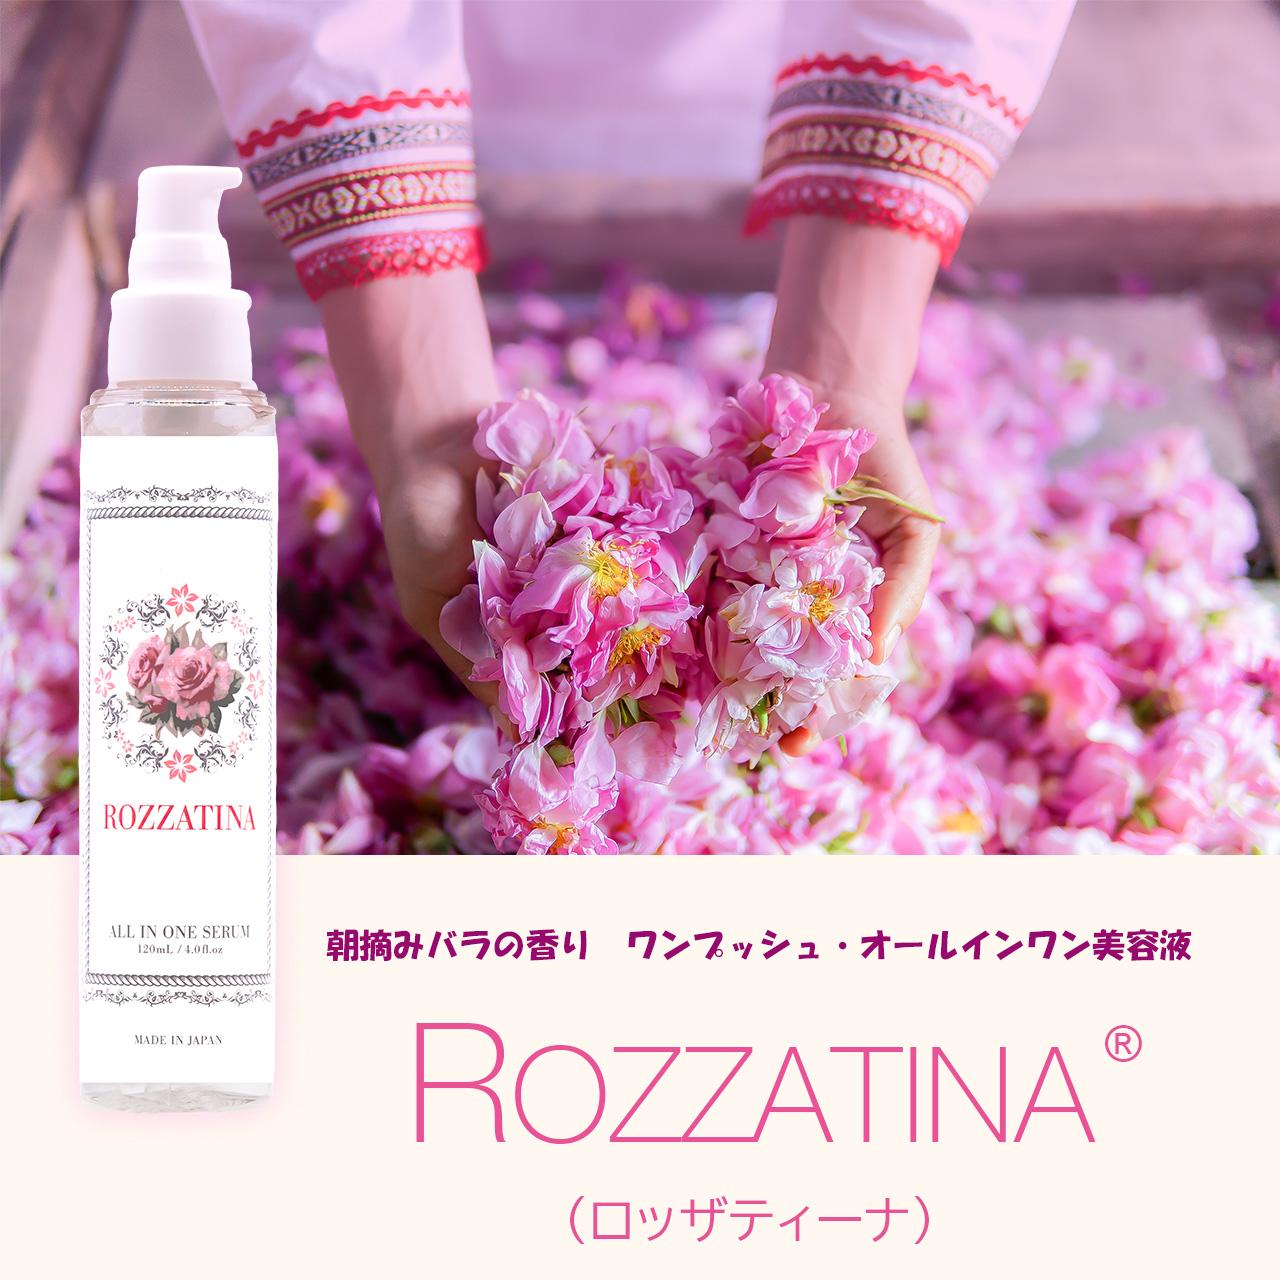 新商品のお知らせ 化粧水いらずの美容液ジェル ROZZATINA